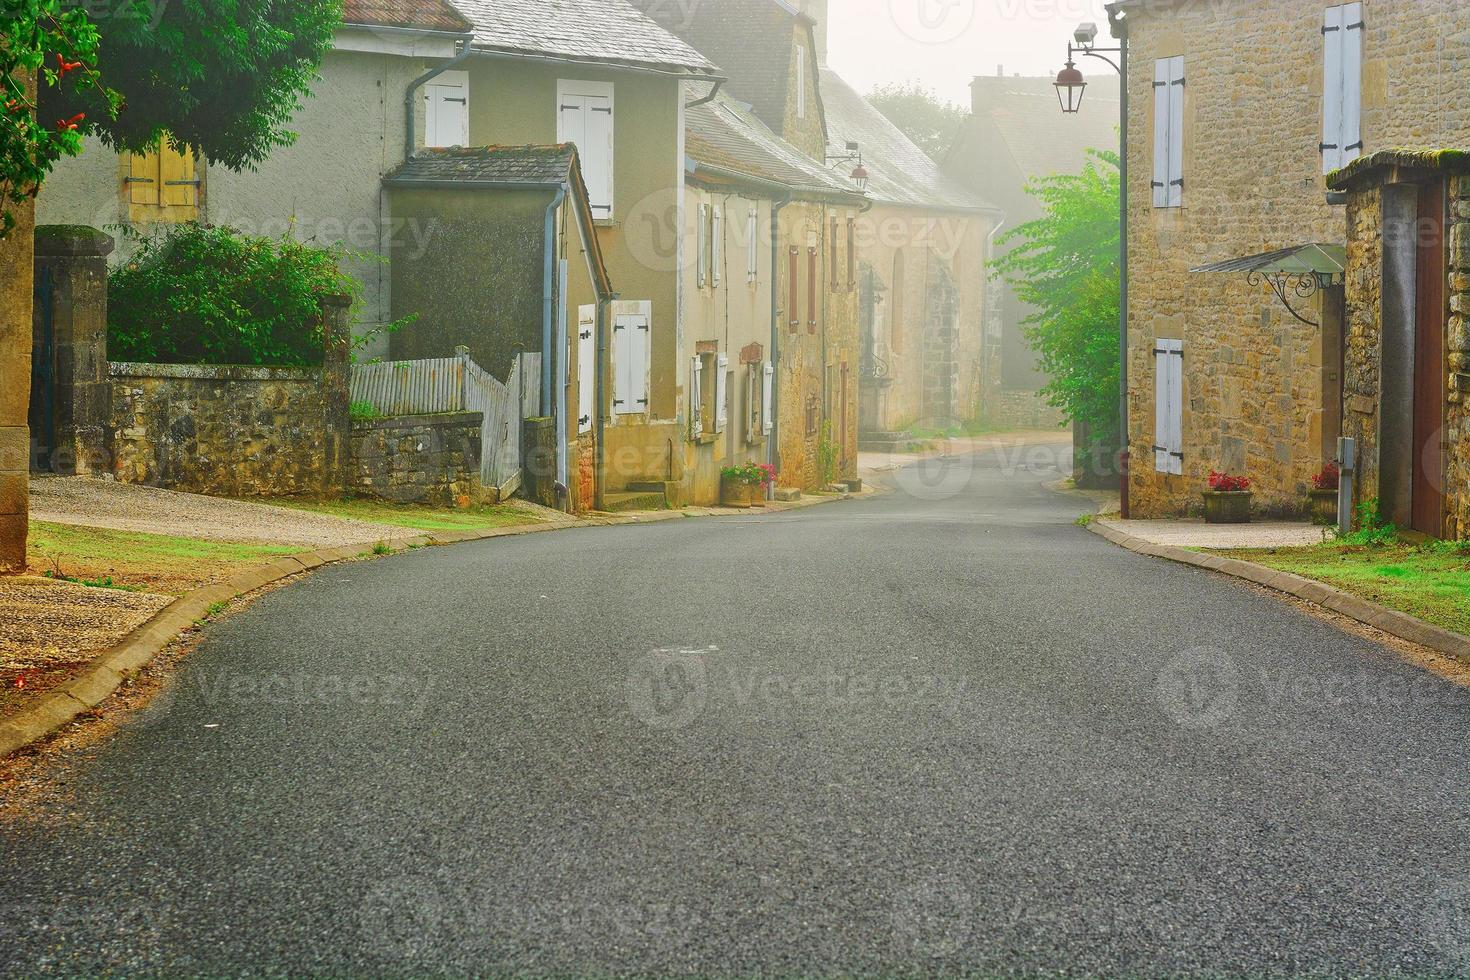 nebbia foto